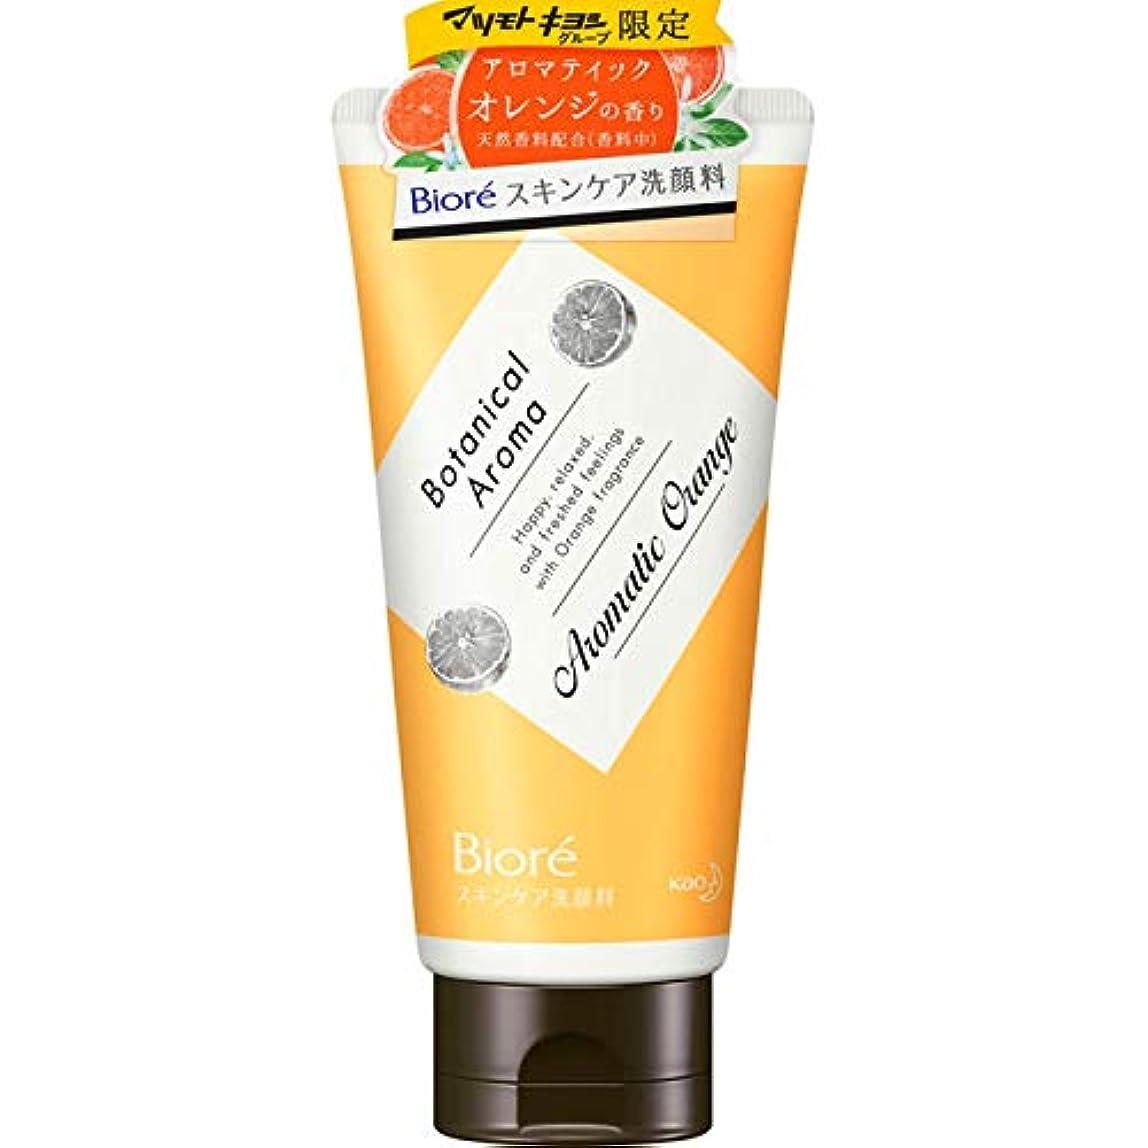 アクセスできないミント私のMK ビオレ スキンケア洗顔料 アロマティックオレンジの香り 130G